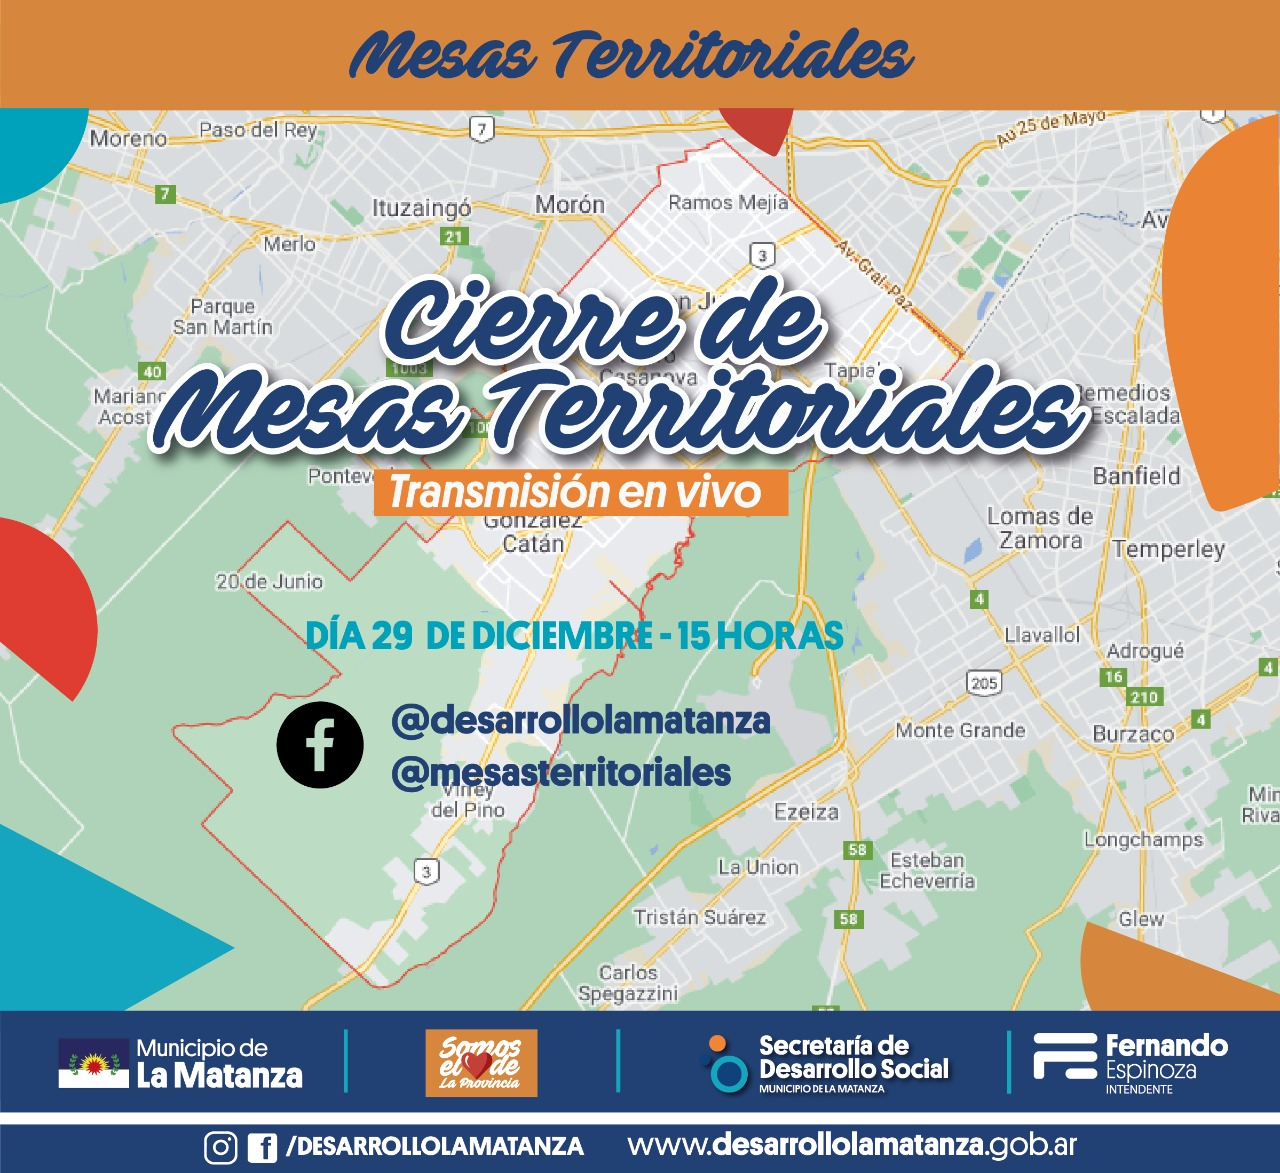 Cierre del año virtual de las Mesas Territoriales de la Secretaría de Desarrollo Social